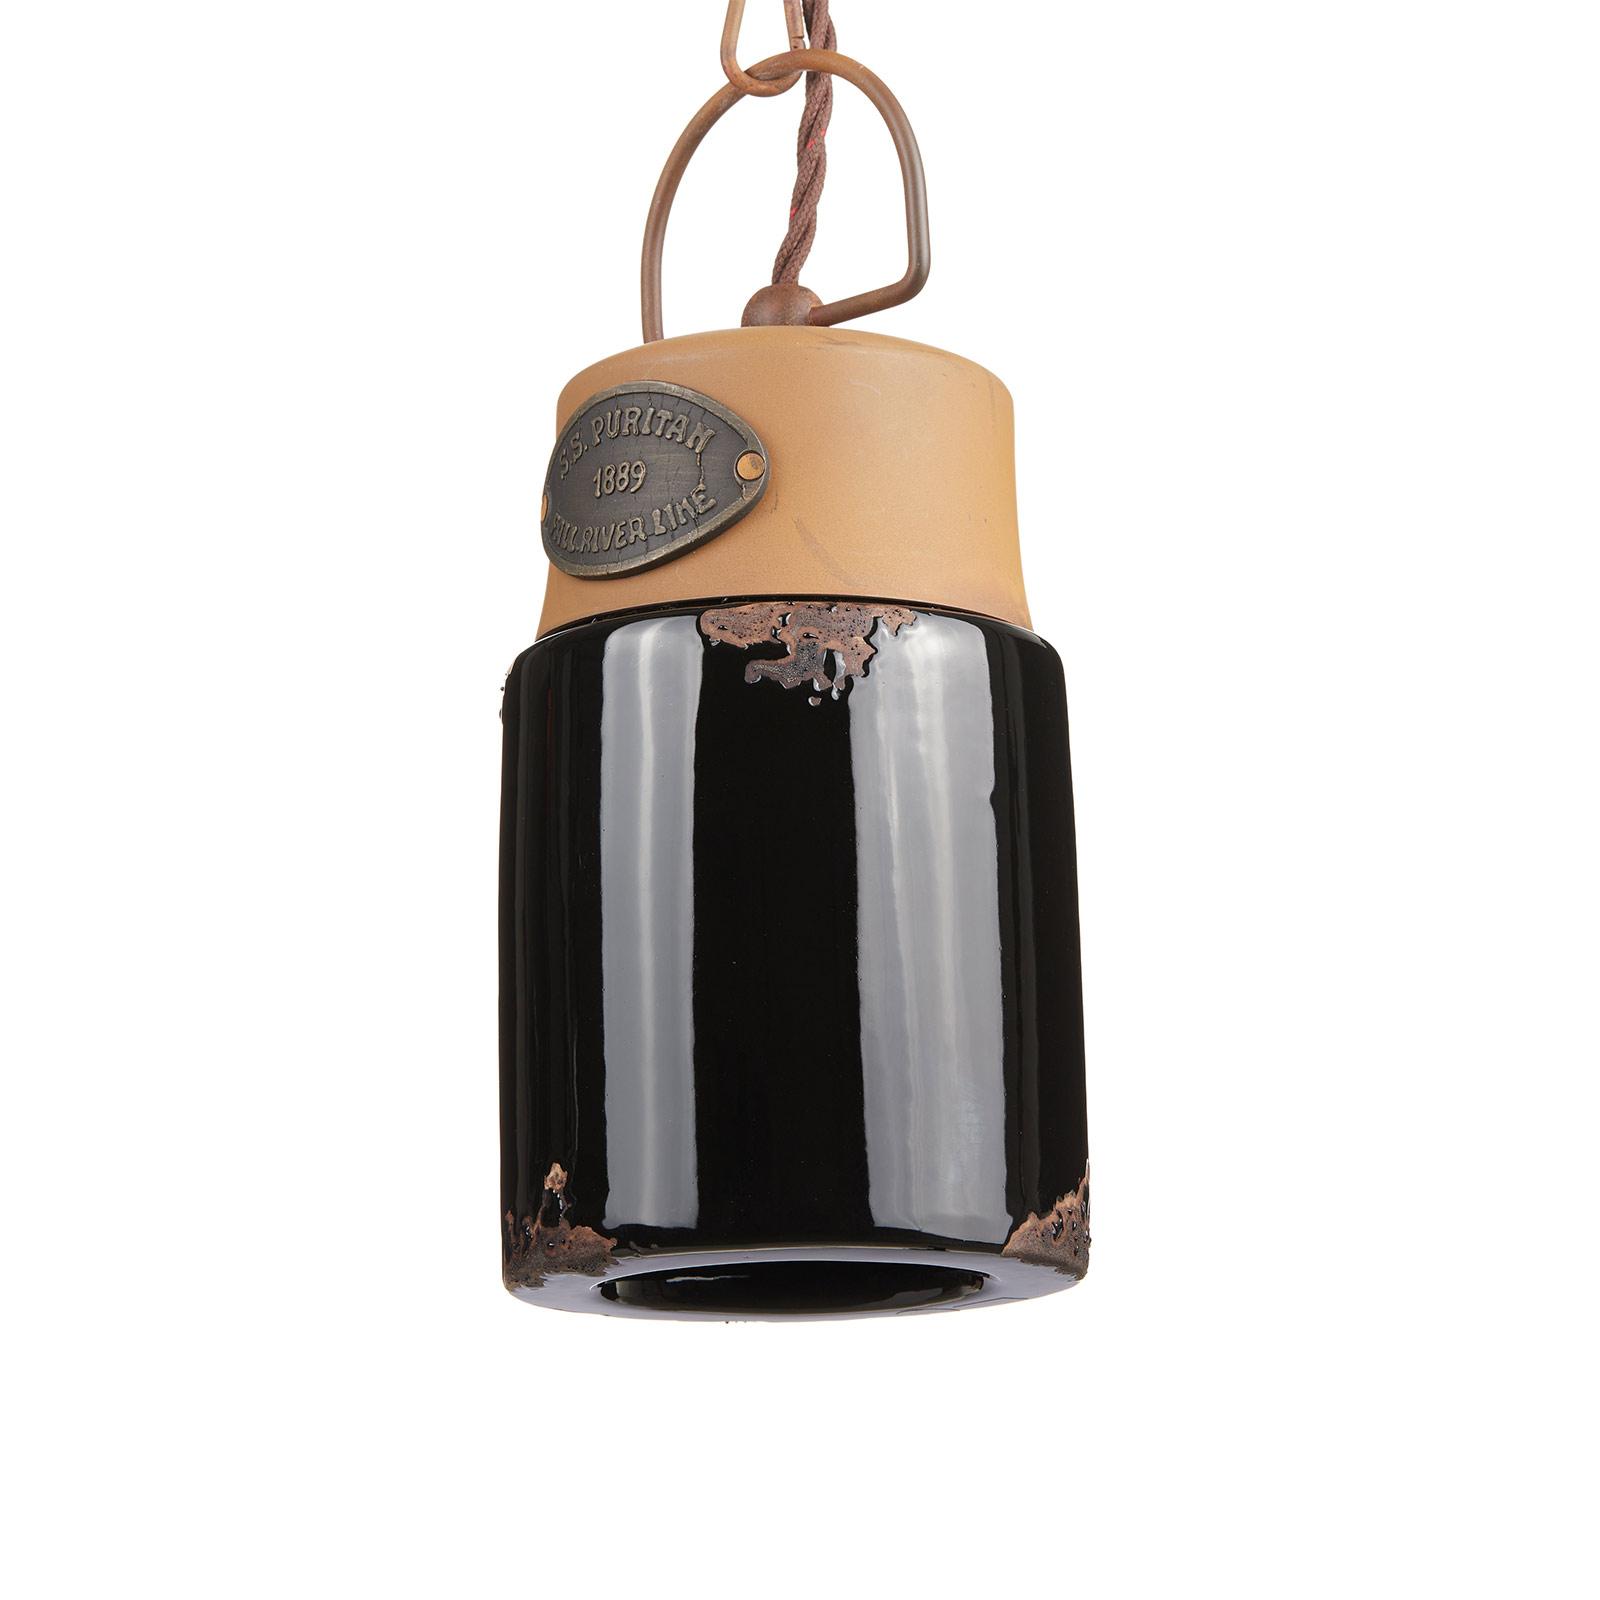 Suspension C1620, céramique et métal, noire